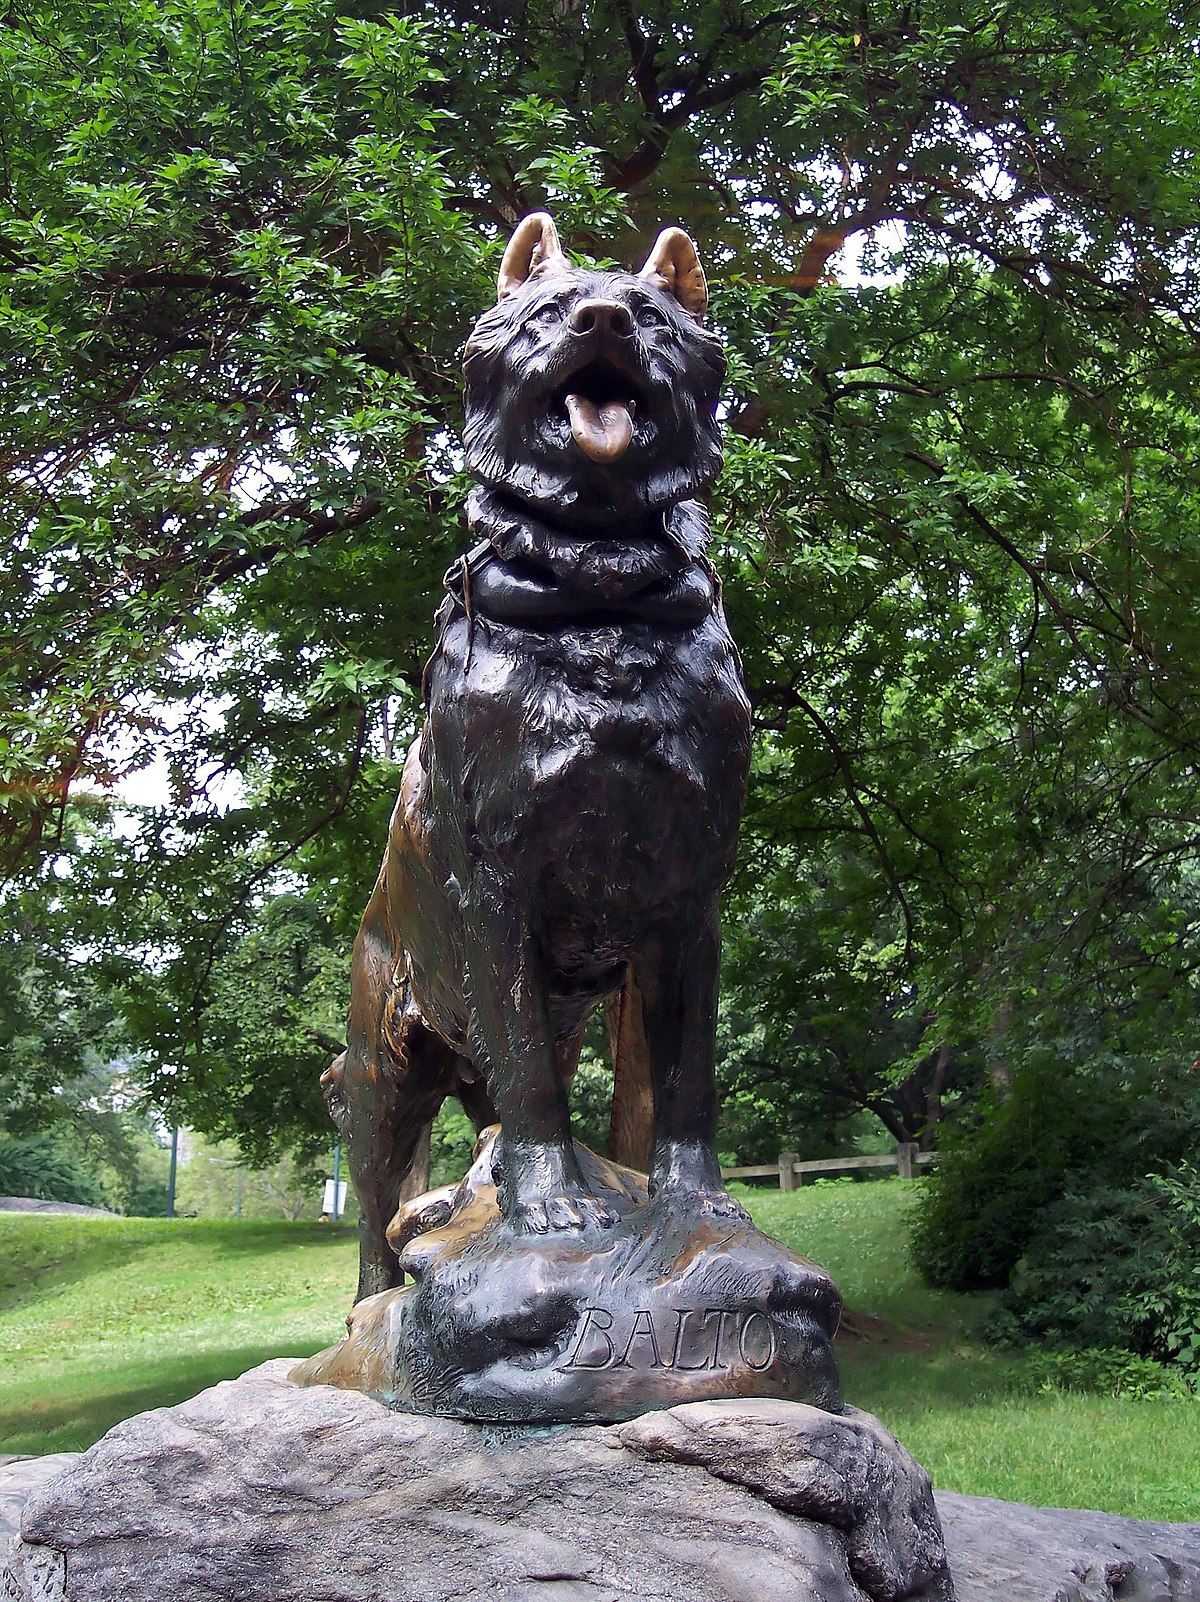 Hunden Balto